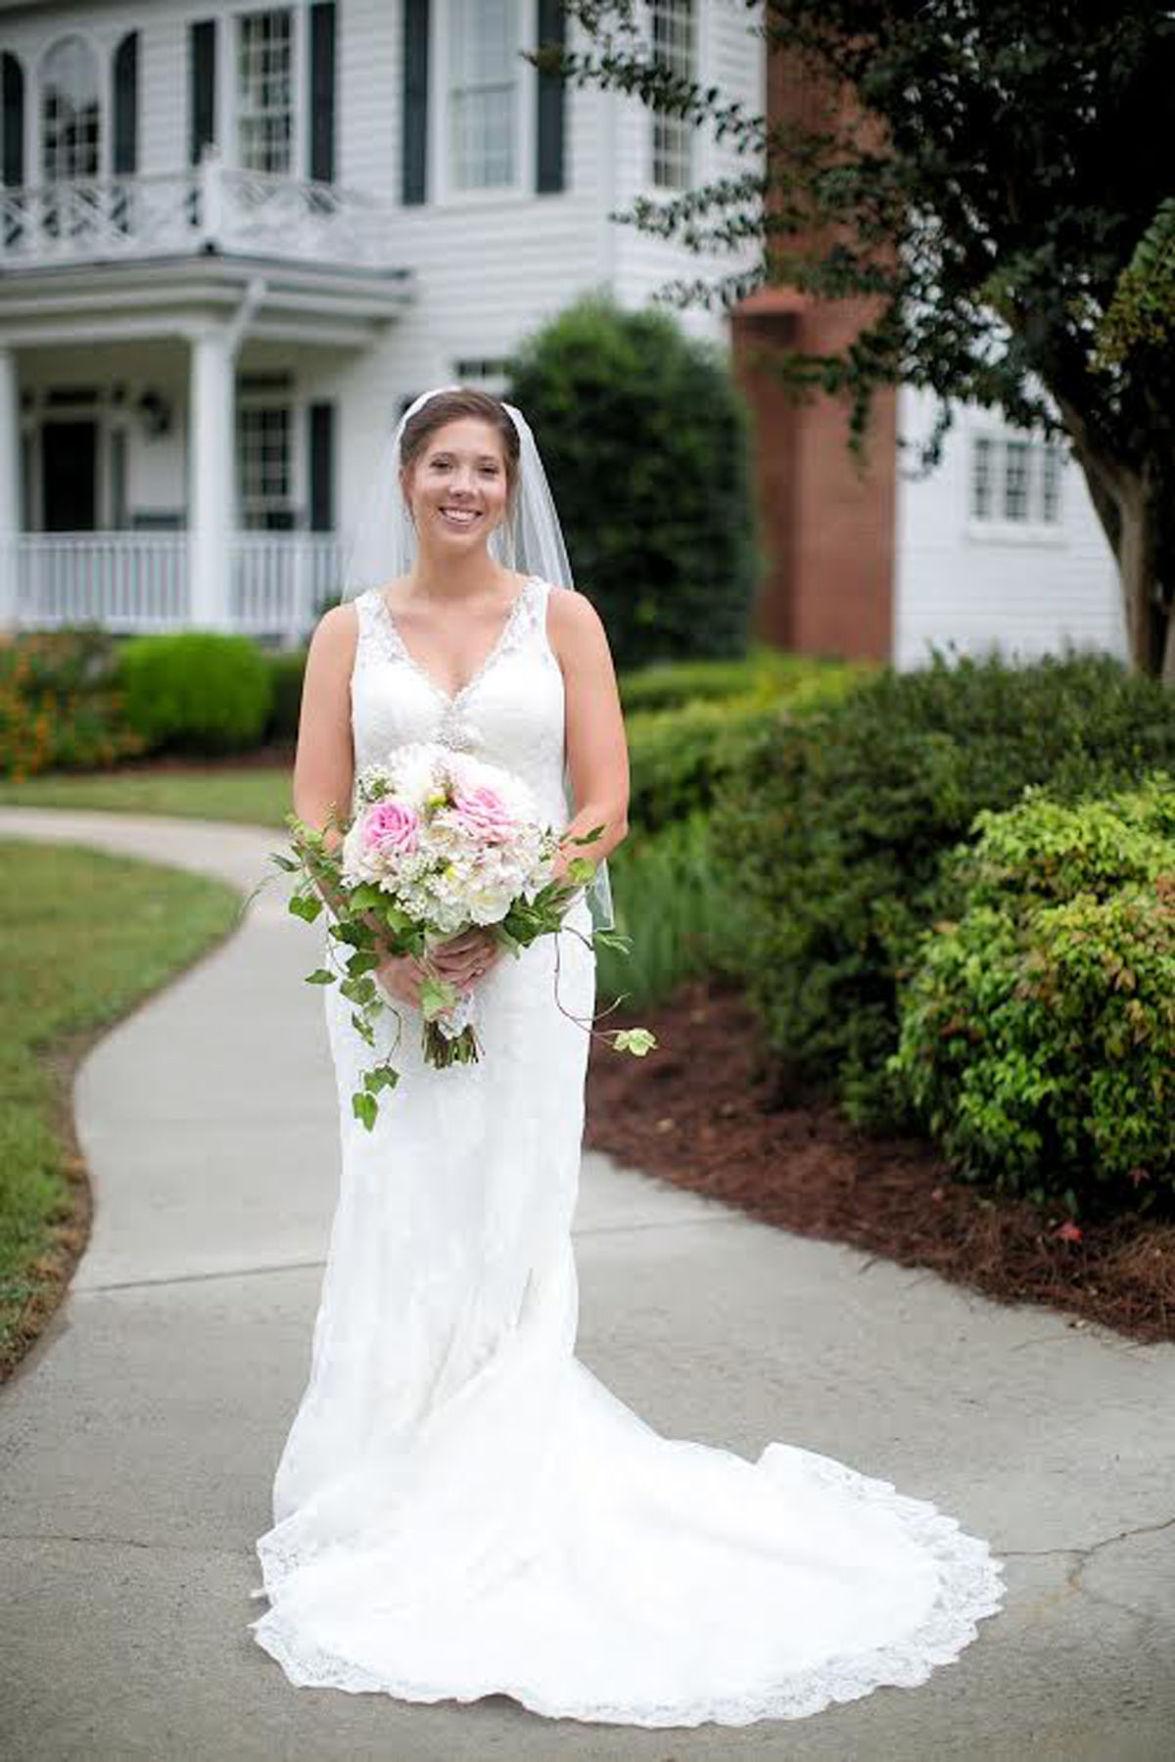 Mrs. Jared Lane Hughes